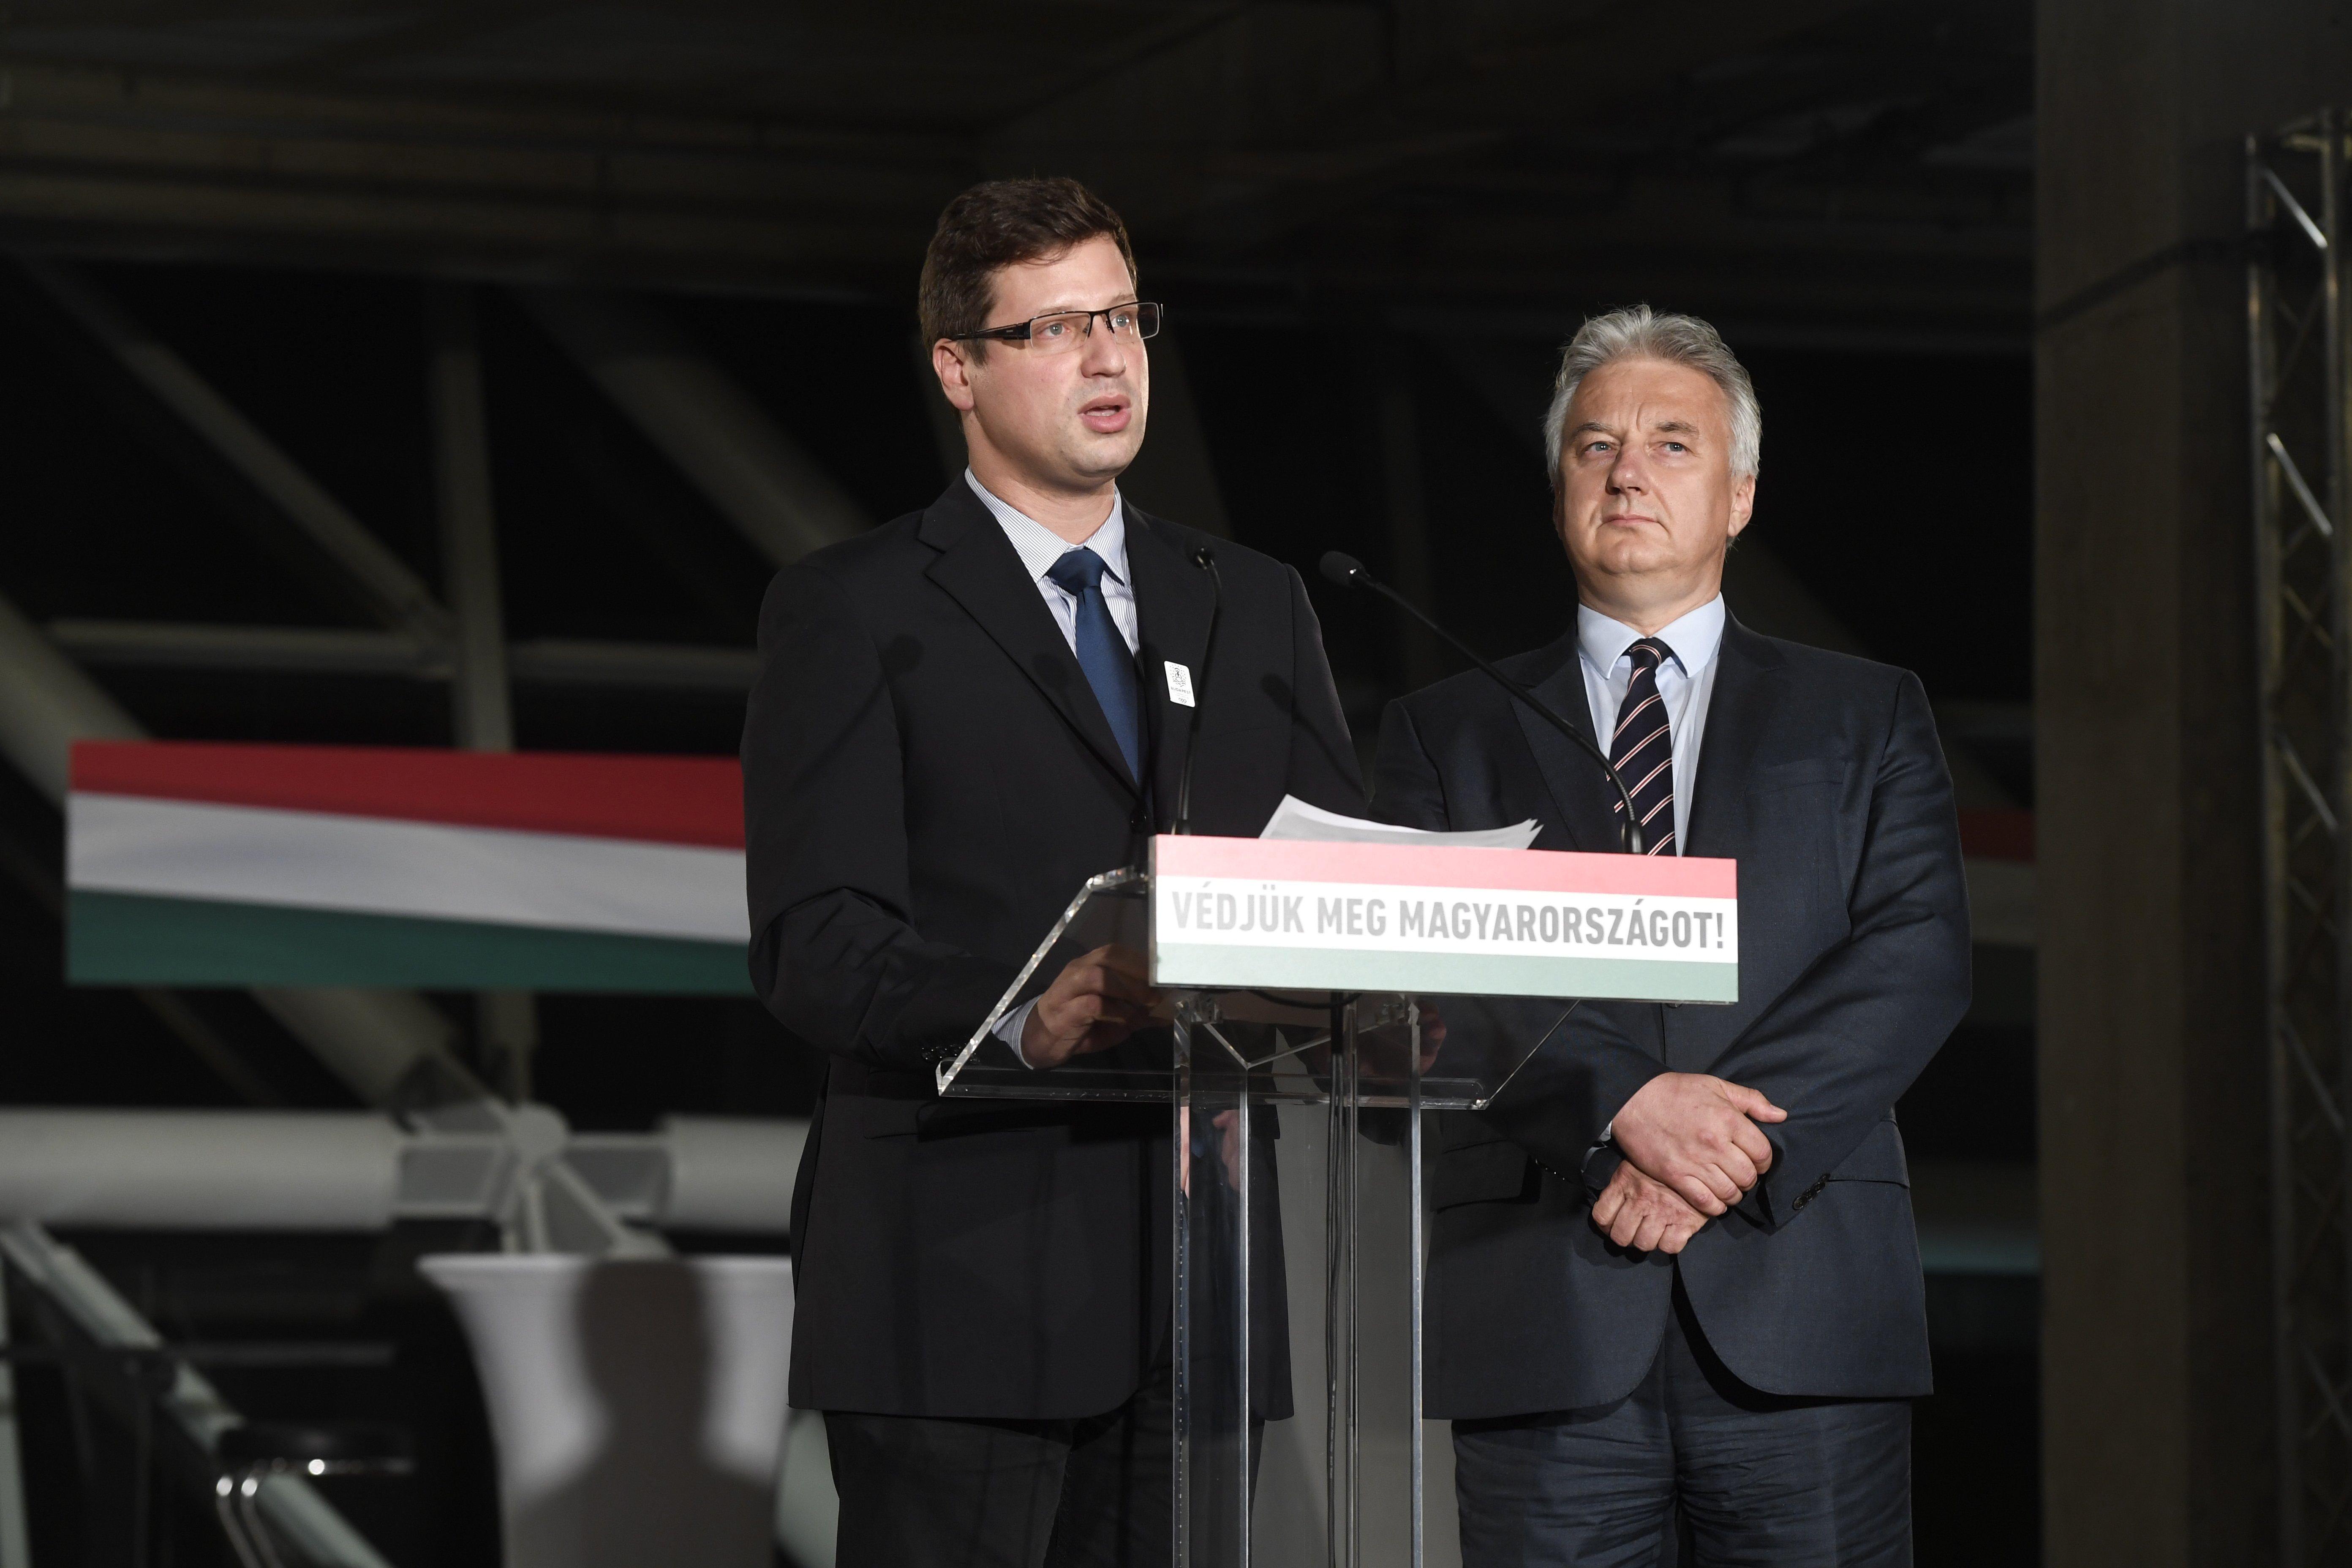 Vége van, megnyertük az illegális migrációról szóló európai vitát